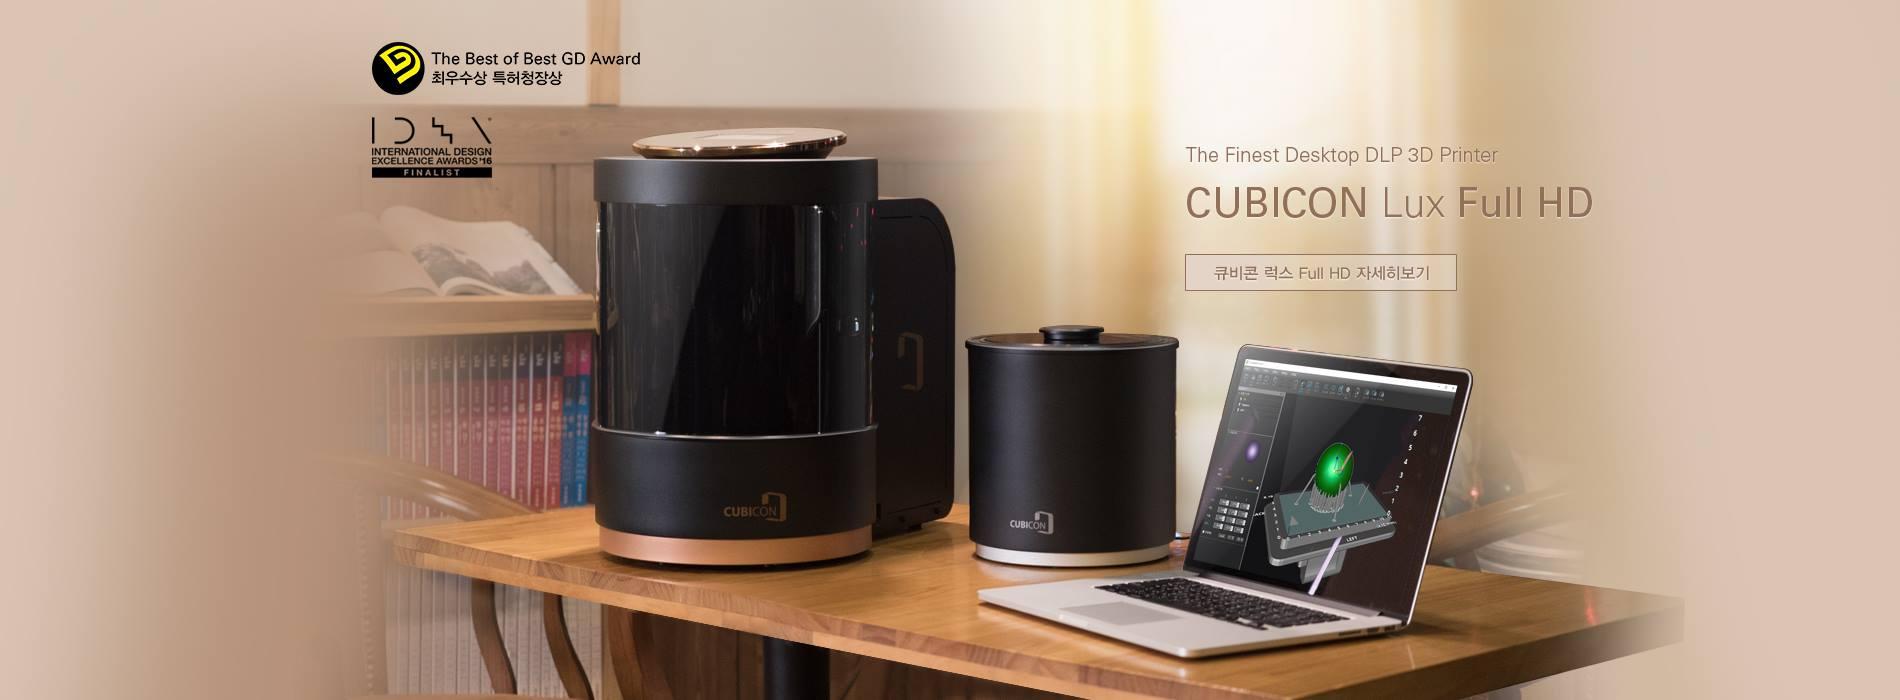 Máy in 3D Cubicon Lux và Máy in 3D Cubicon Lux HD sử dụng công nghệ in 3D DLP, tia UV làm đông cứng vật liệu. Máy in 3D DLP cho ngành nha khoa và nữ trang..